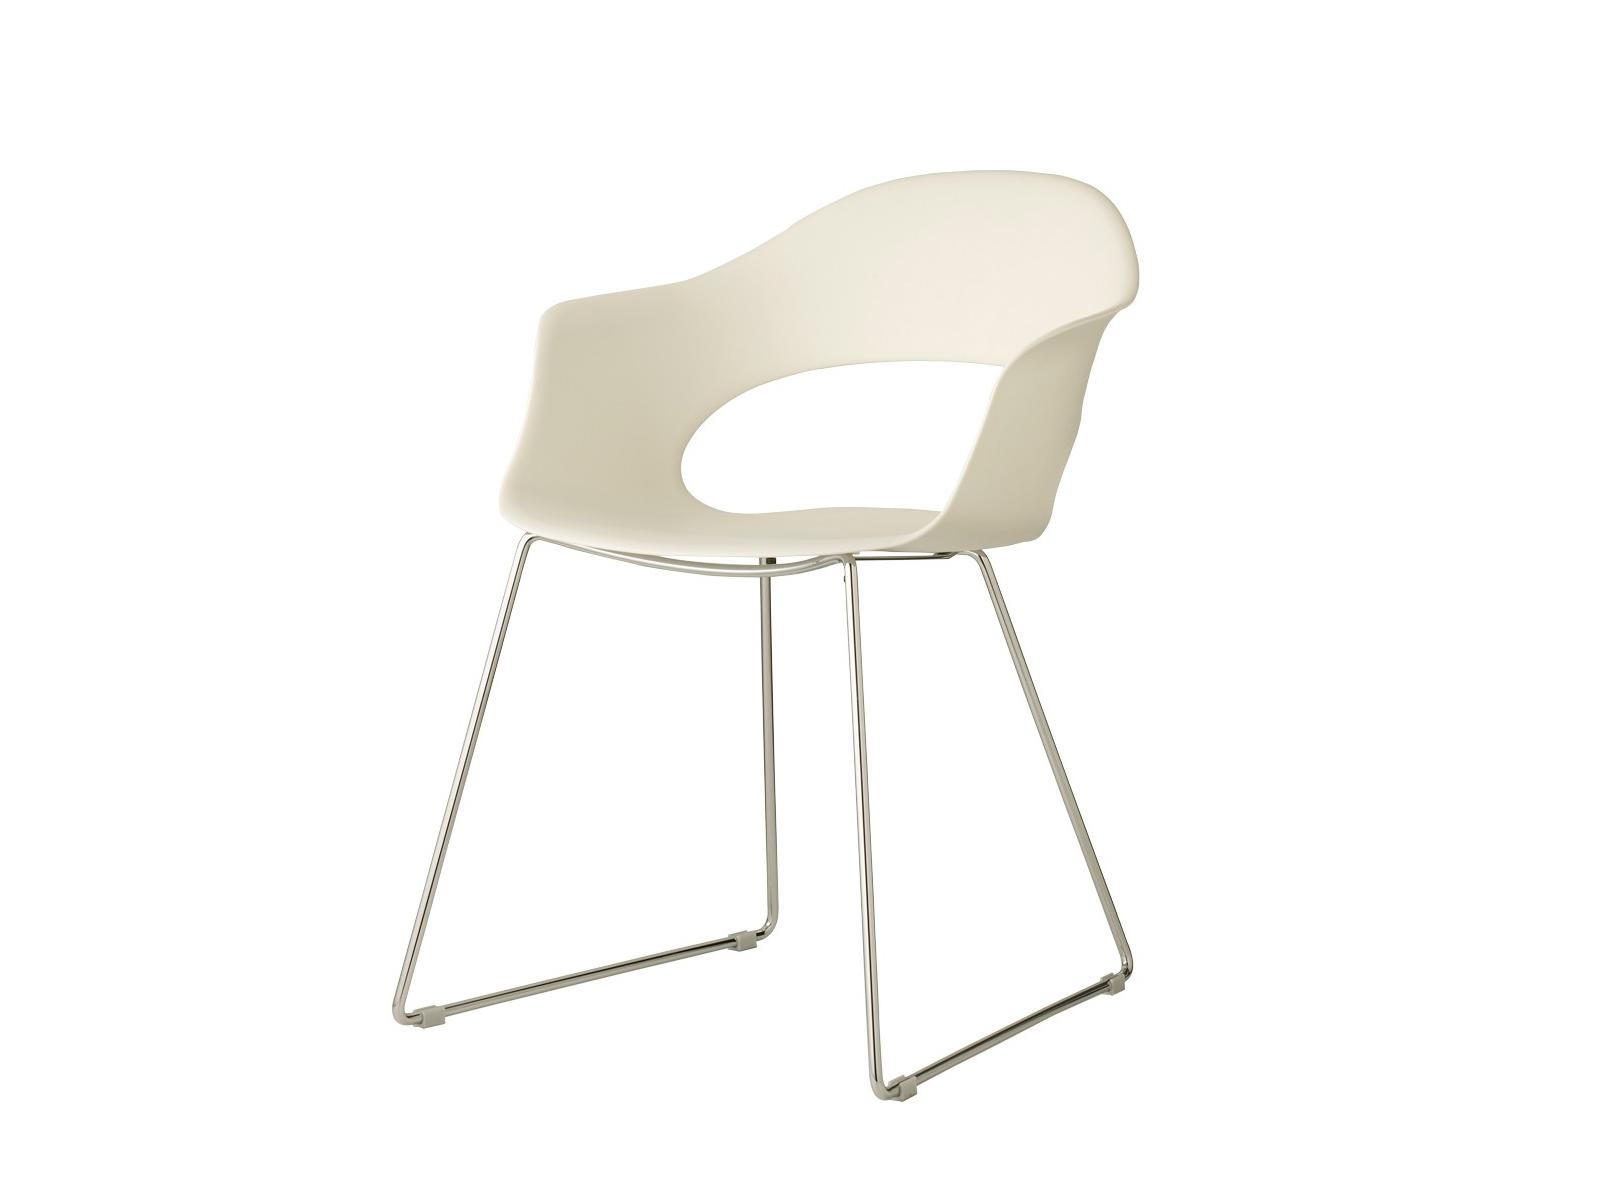 SCA-Lady B A slitta plastová židle